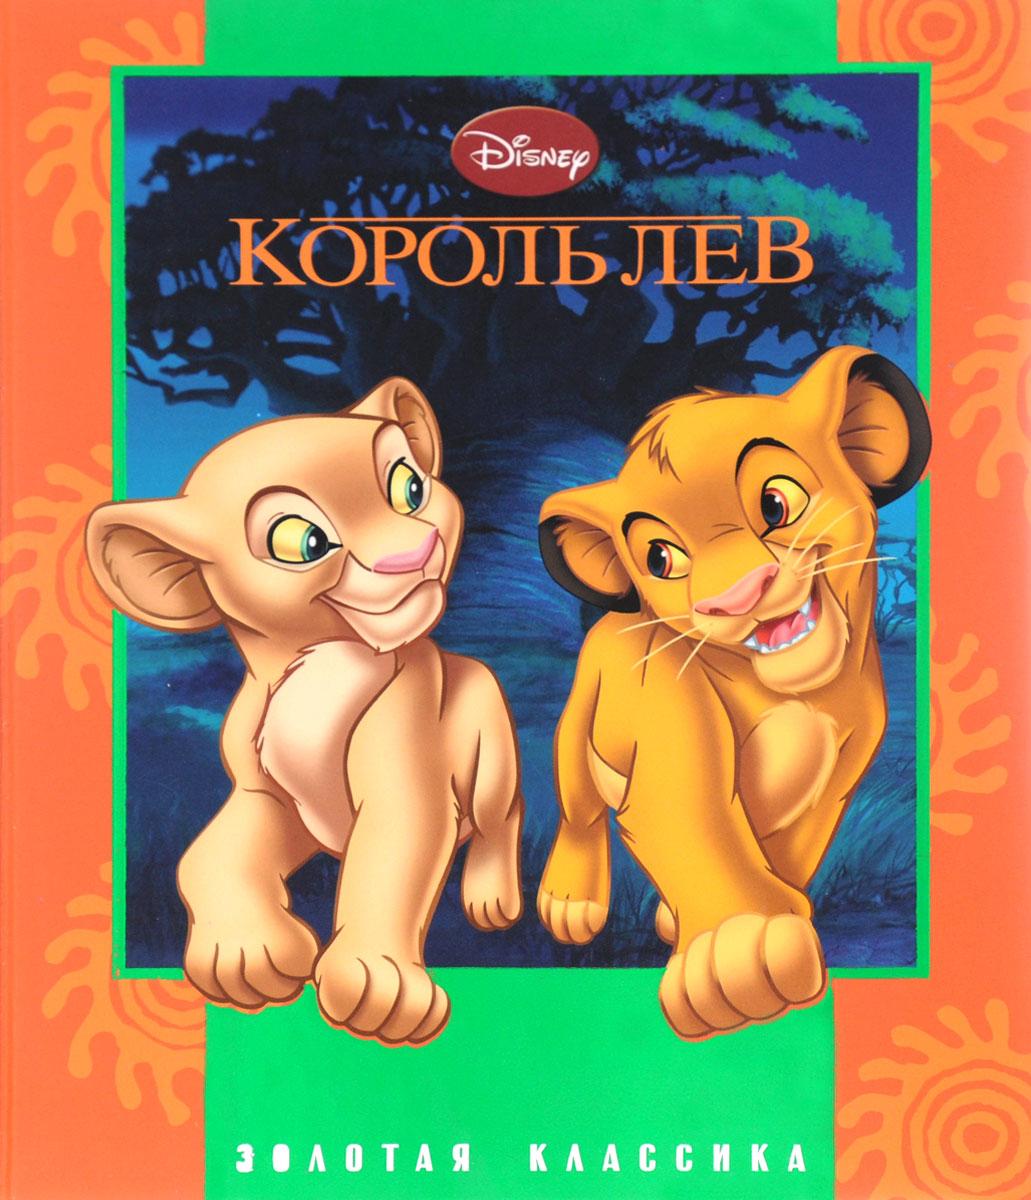 Золотая классика. Король Лев12296407Замечательный анимационный фильм студии Disney Король Лев уже много лет согревает сердца маленьких зрителей. История храброго львёнка Симбы, который вырос и стал могущественным Королём Львом, пользуется заслуженной любовью зрителей от мала до велика. И вот теперь волшебство этой бессмертной сказки возвращается к вам в нашей книге!